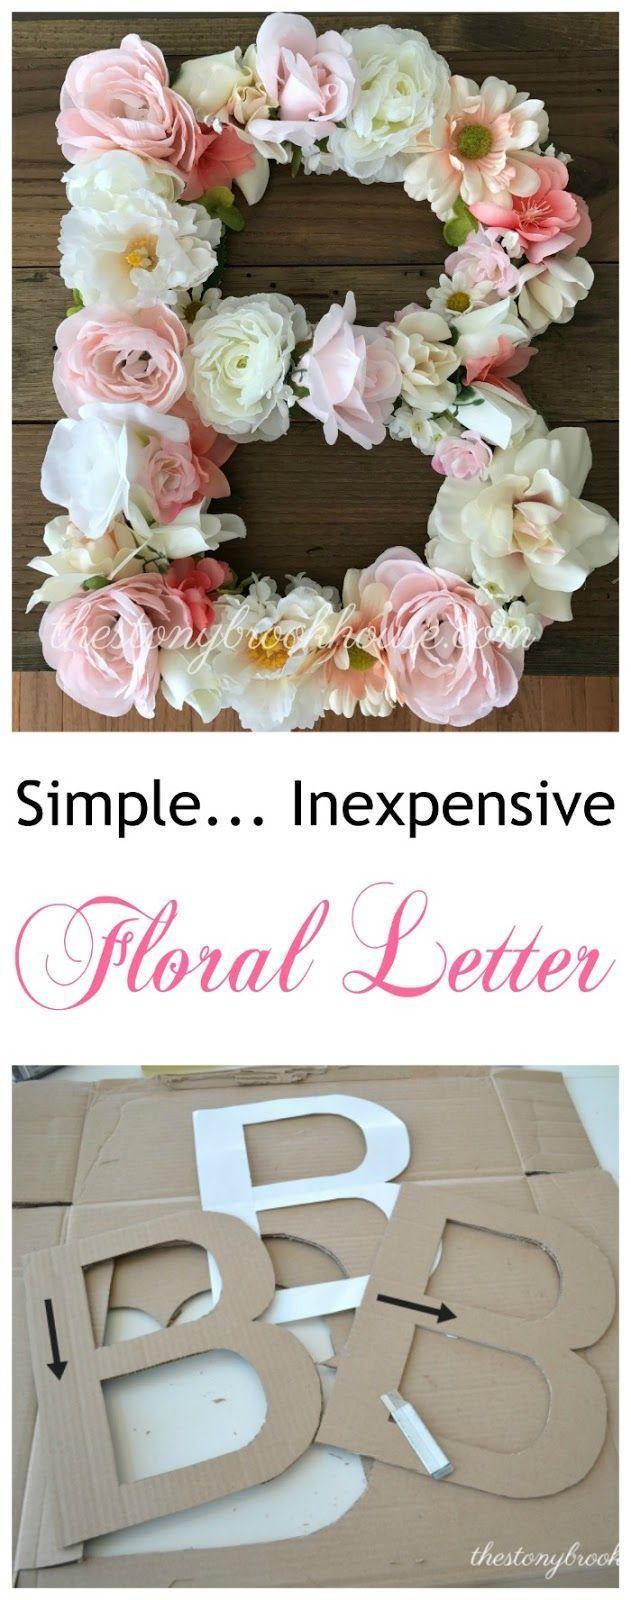 Lettre florale peu coûteuse simple – Baby's wedding: shower